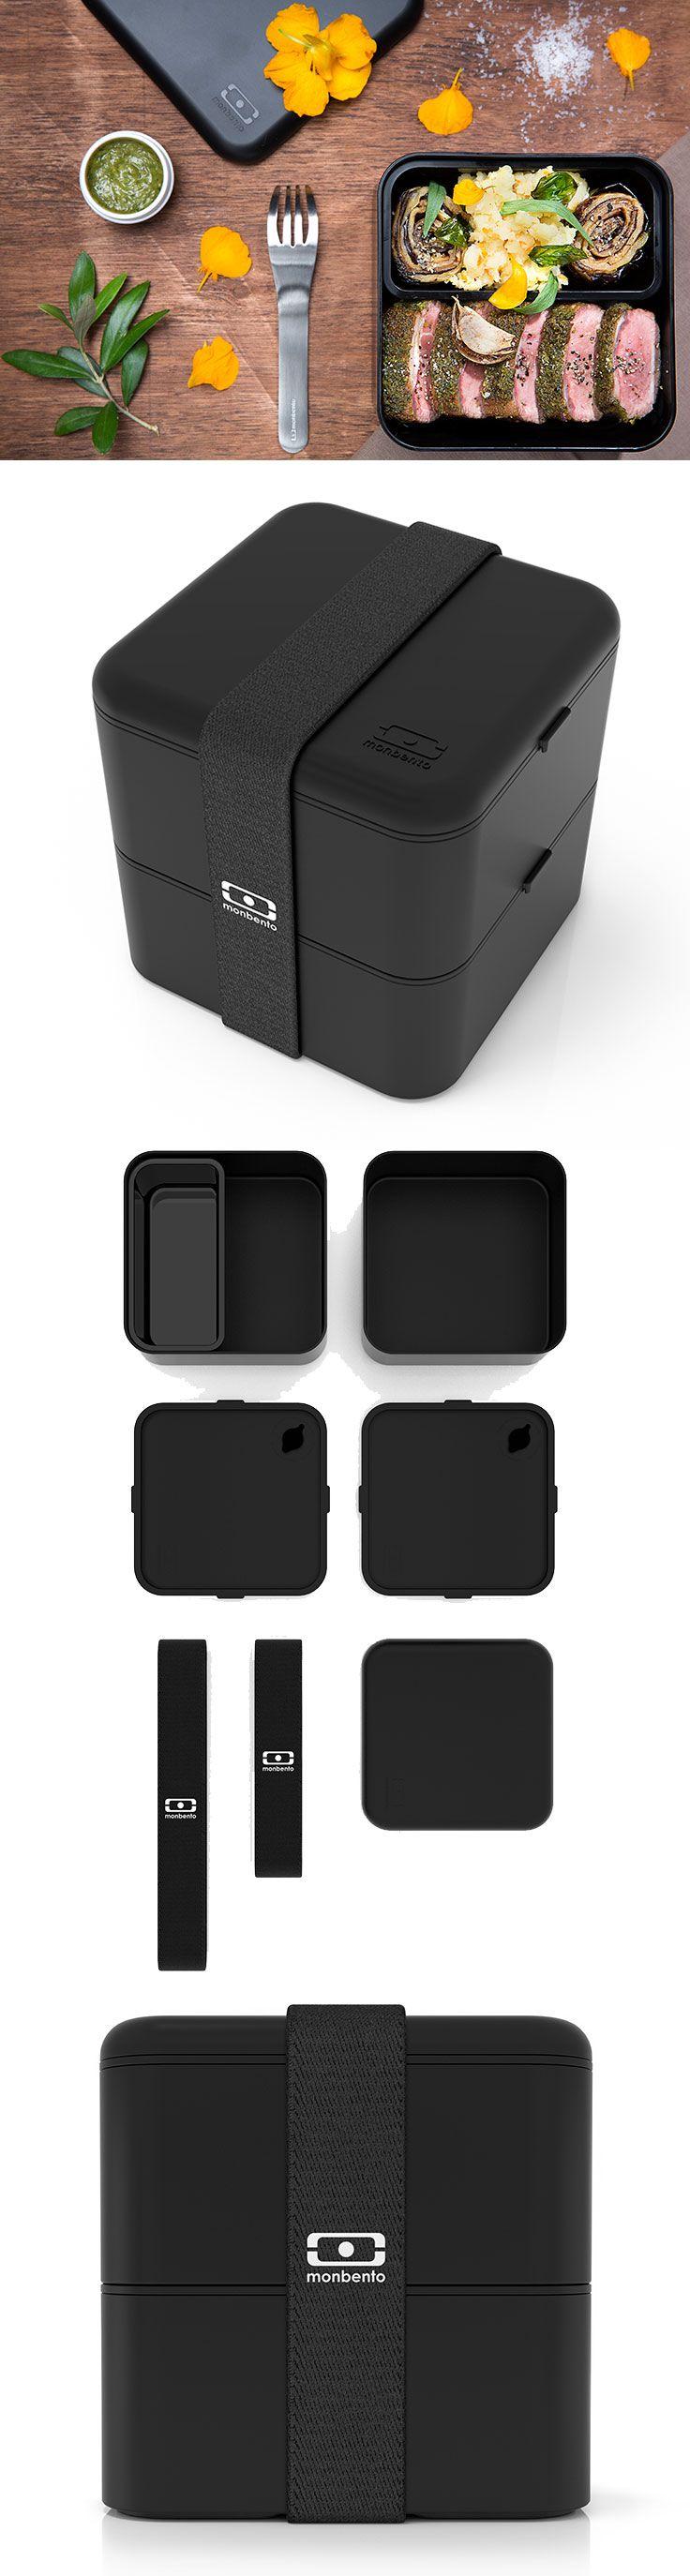 """Díky kapacitě až dvakrát větší než Monbento Original, je box připraven uspokojit hlad i toho nejsrdečnějšího jedlíka. Zvýšené strany boxu jsou připravené pojmout bohaté saláty a sendviče.  mb-square-iconmb-square-icon1mb-square-icon2  Čtvercové svačinové boxy jsou vzduchotěsné, každý s vlastním víčkem. Široká elastická páska drží boxy bezpečně u sebe. Moderní design se soft-touch úpravou. Do víčka lze umístit příbor od MonBento.  Objem: 1700 ml  Materiál: plast se """"soft-touch"""" BPA free…"""